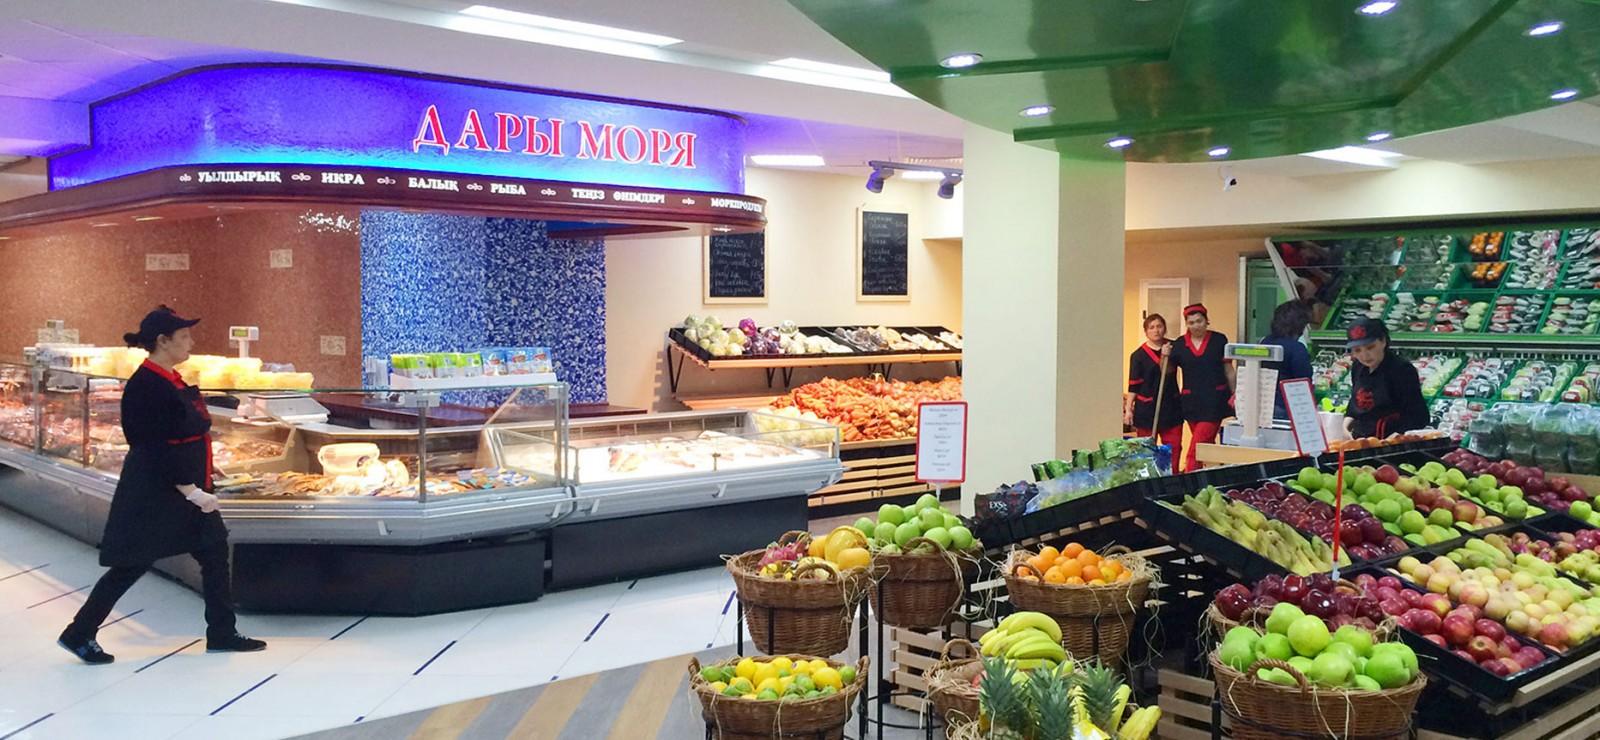 Дизайн интерьера для торговых центров и магазинов